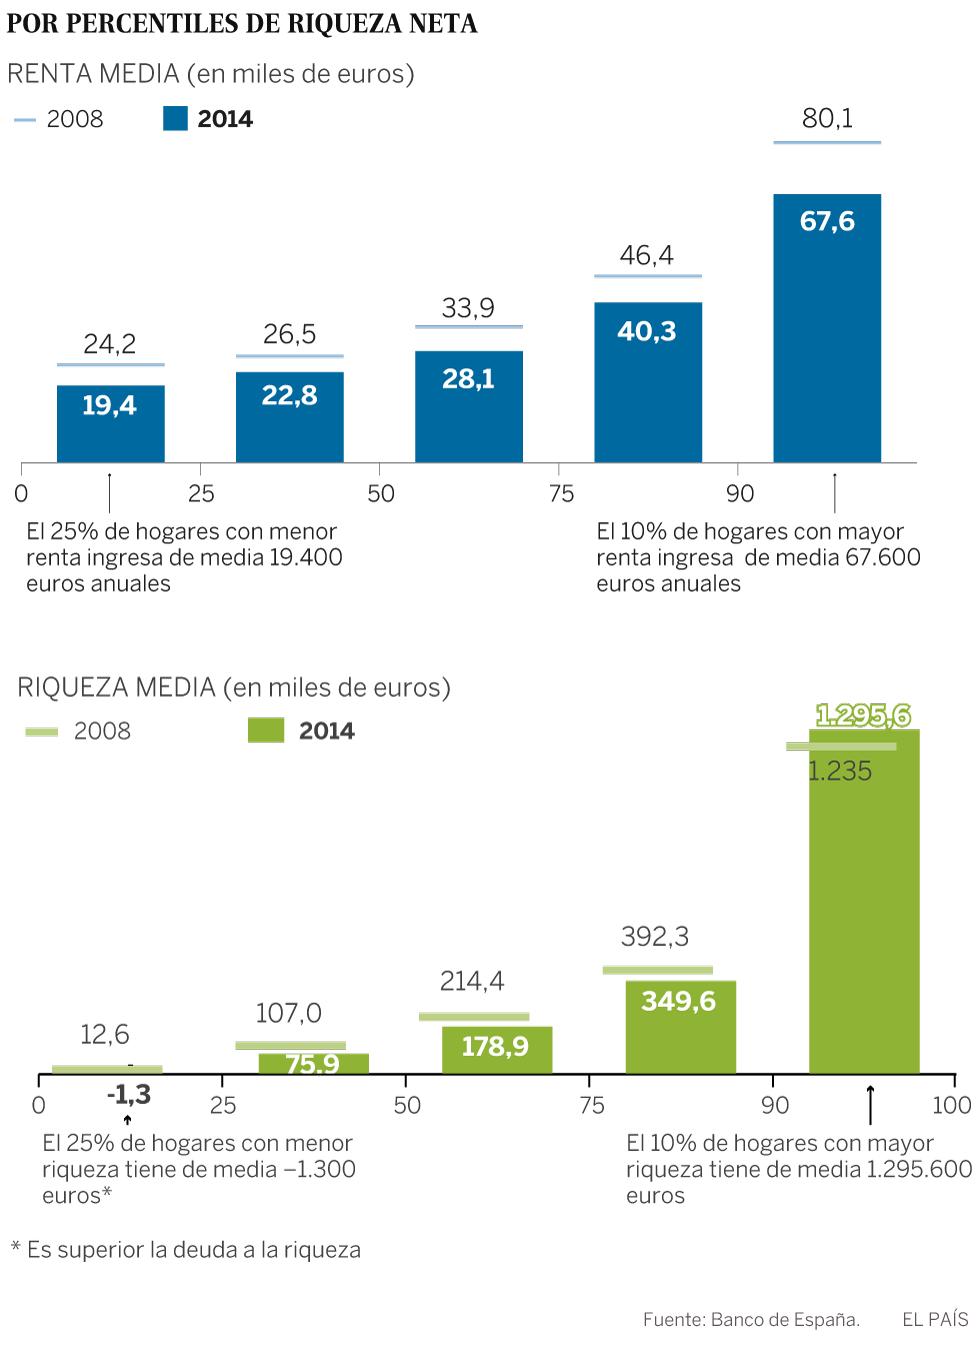 El 10% más rico de España acumula el 52,8% de la riqueza